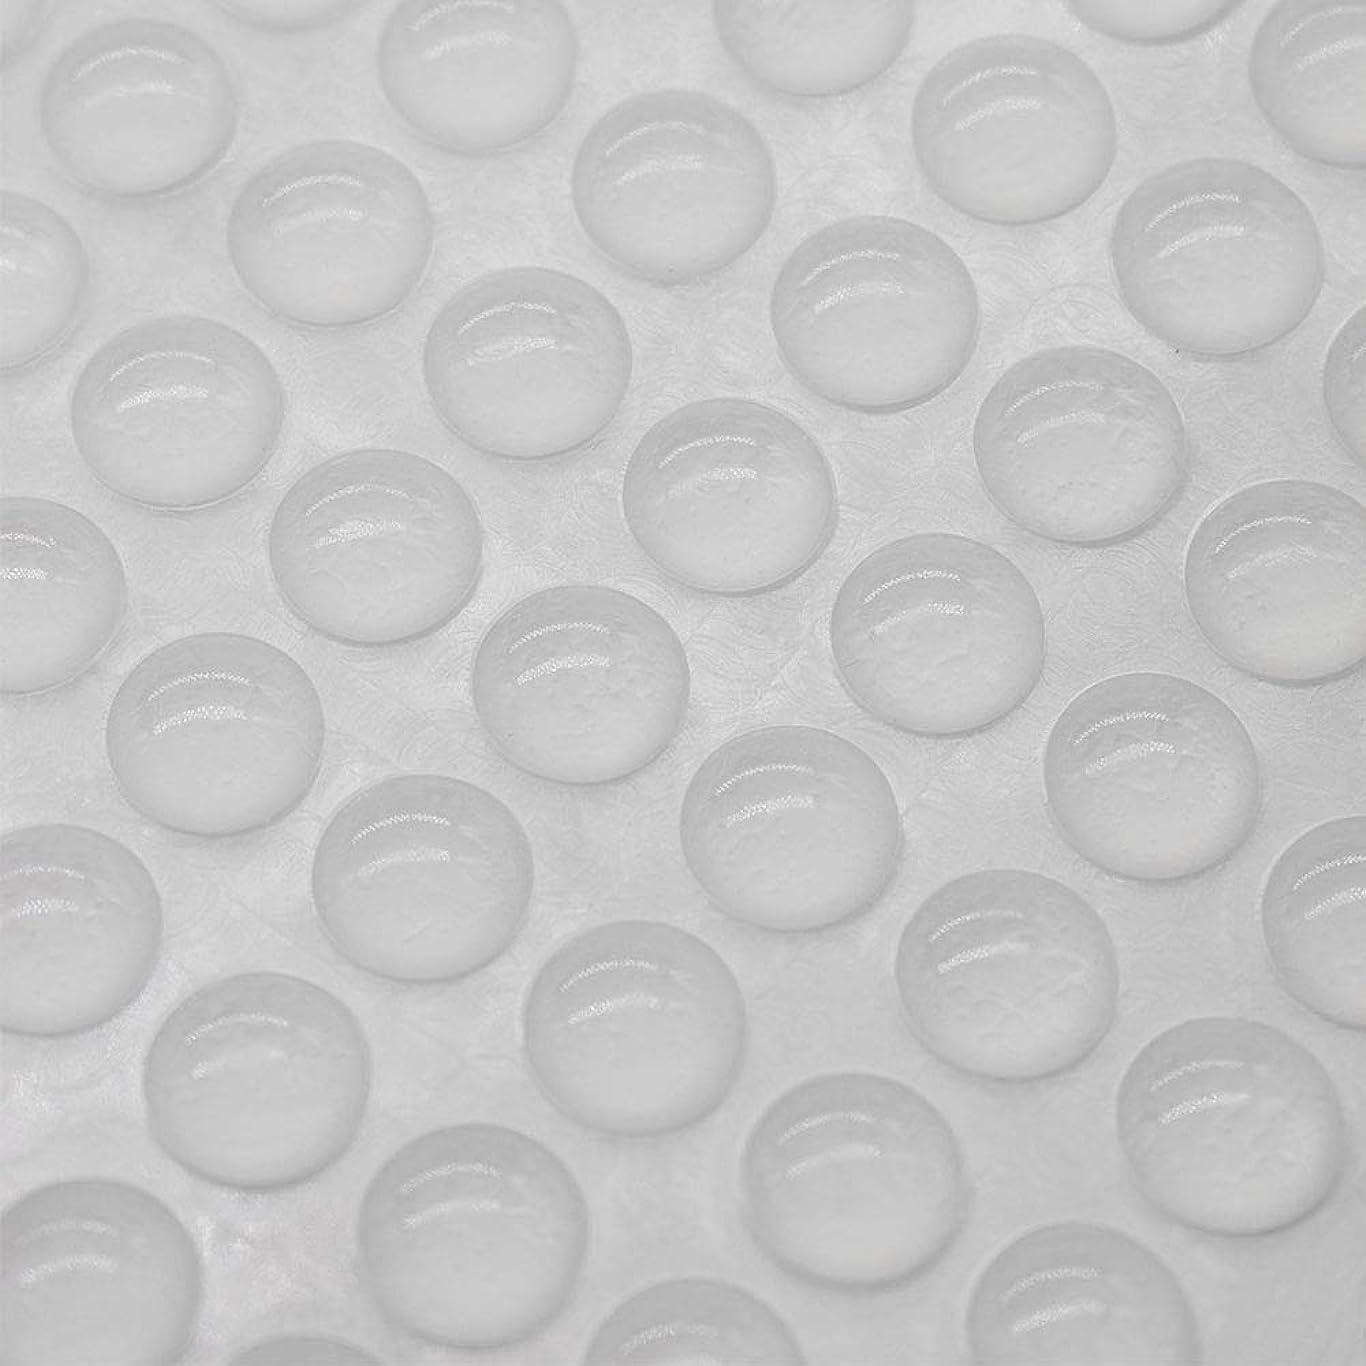 ディベート道自発的Hantier 300粒 ゴムクッション ソフトクッション 自己粘着 滑り止め 緩衝 家具保護パッド 透明 戸当たりクッション ドア 防キズ 防振 防音 半球形